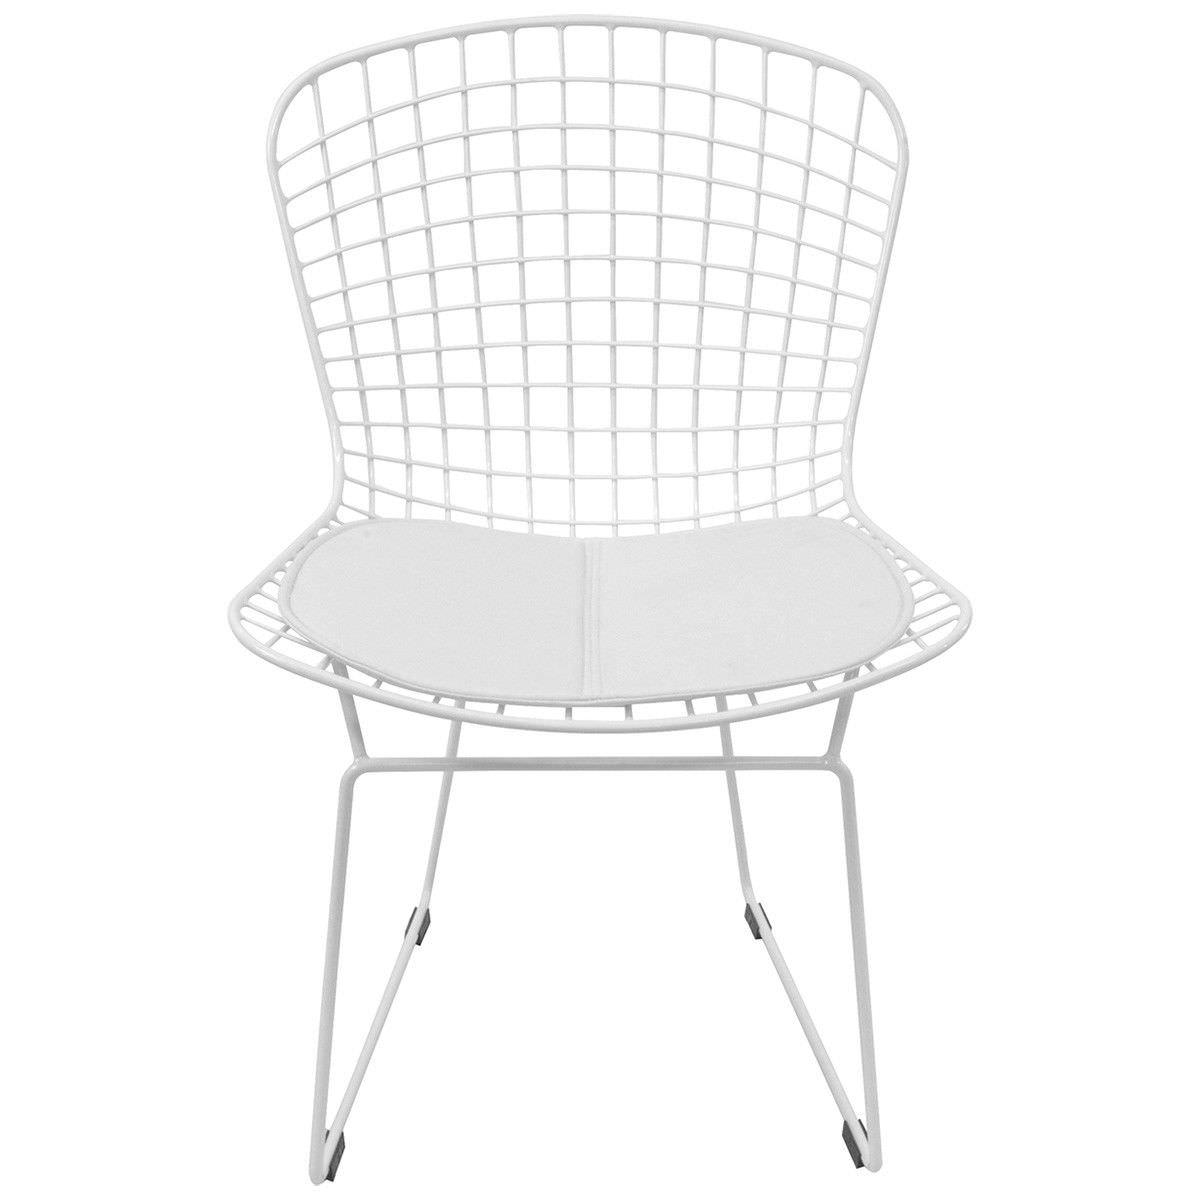 Replica Harry Bertoia Steel Side Chair, White